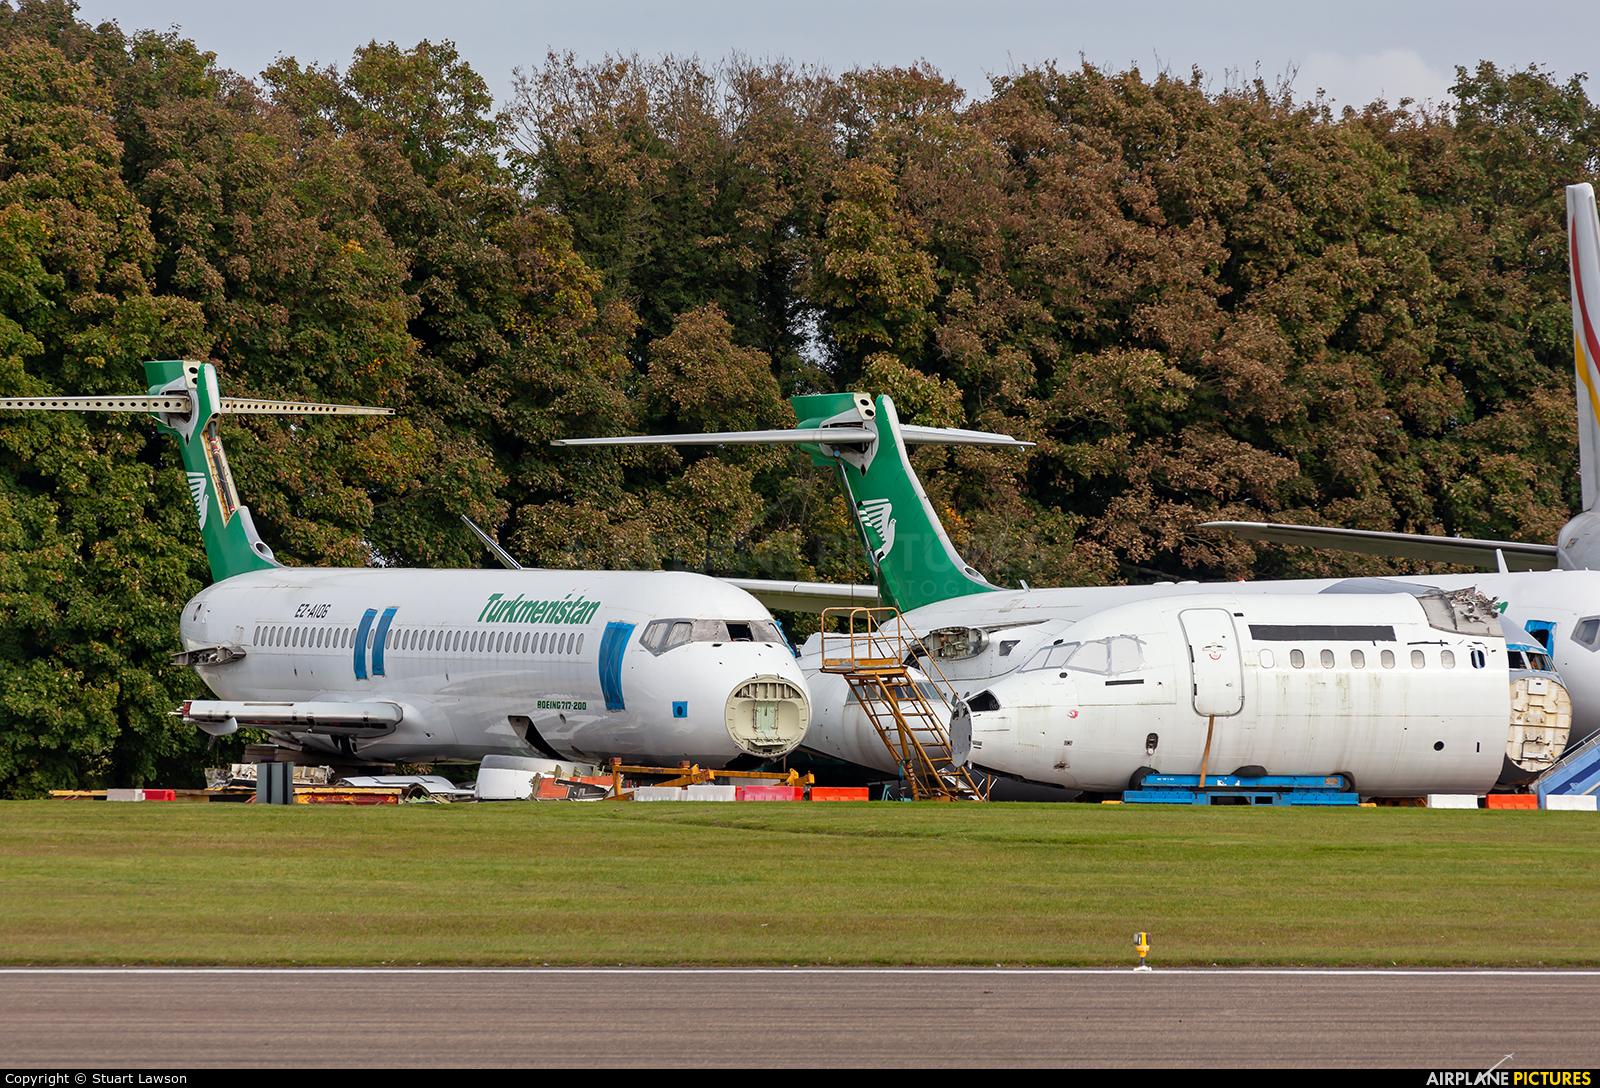 Turkmenistan Airlines EZ-A106 aircraft at Kemble